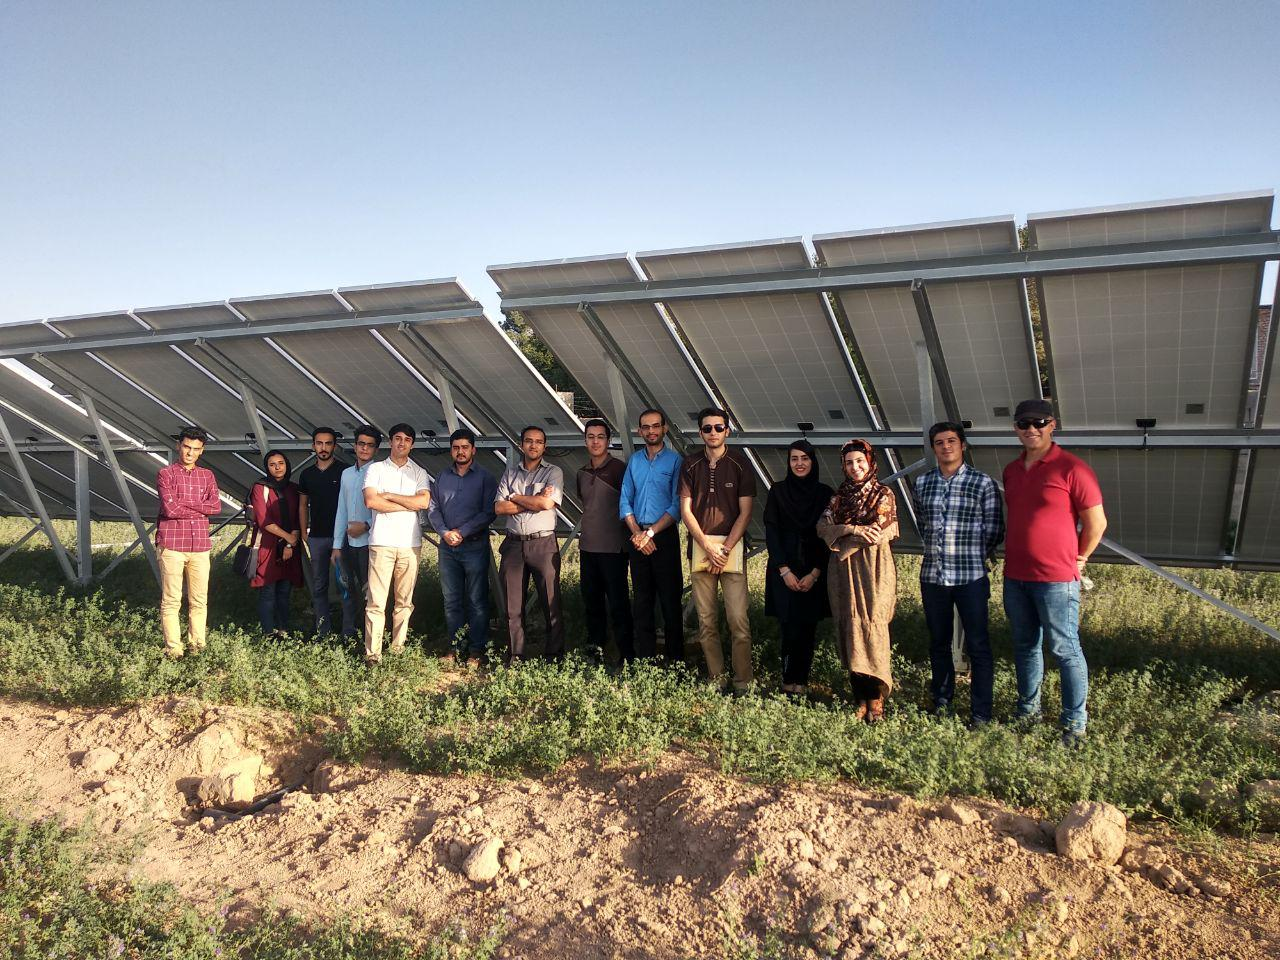 محاسبات طراحی نیروگاه خورشیدی